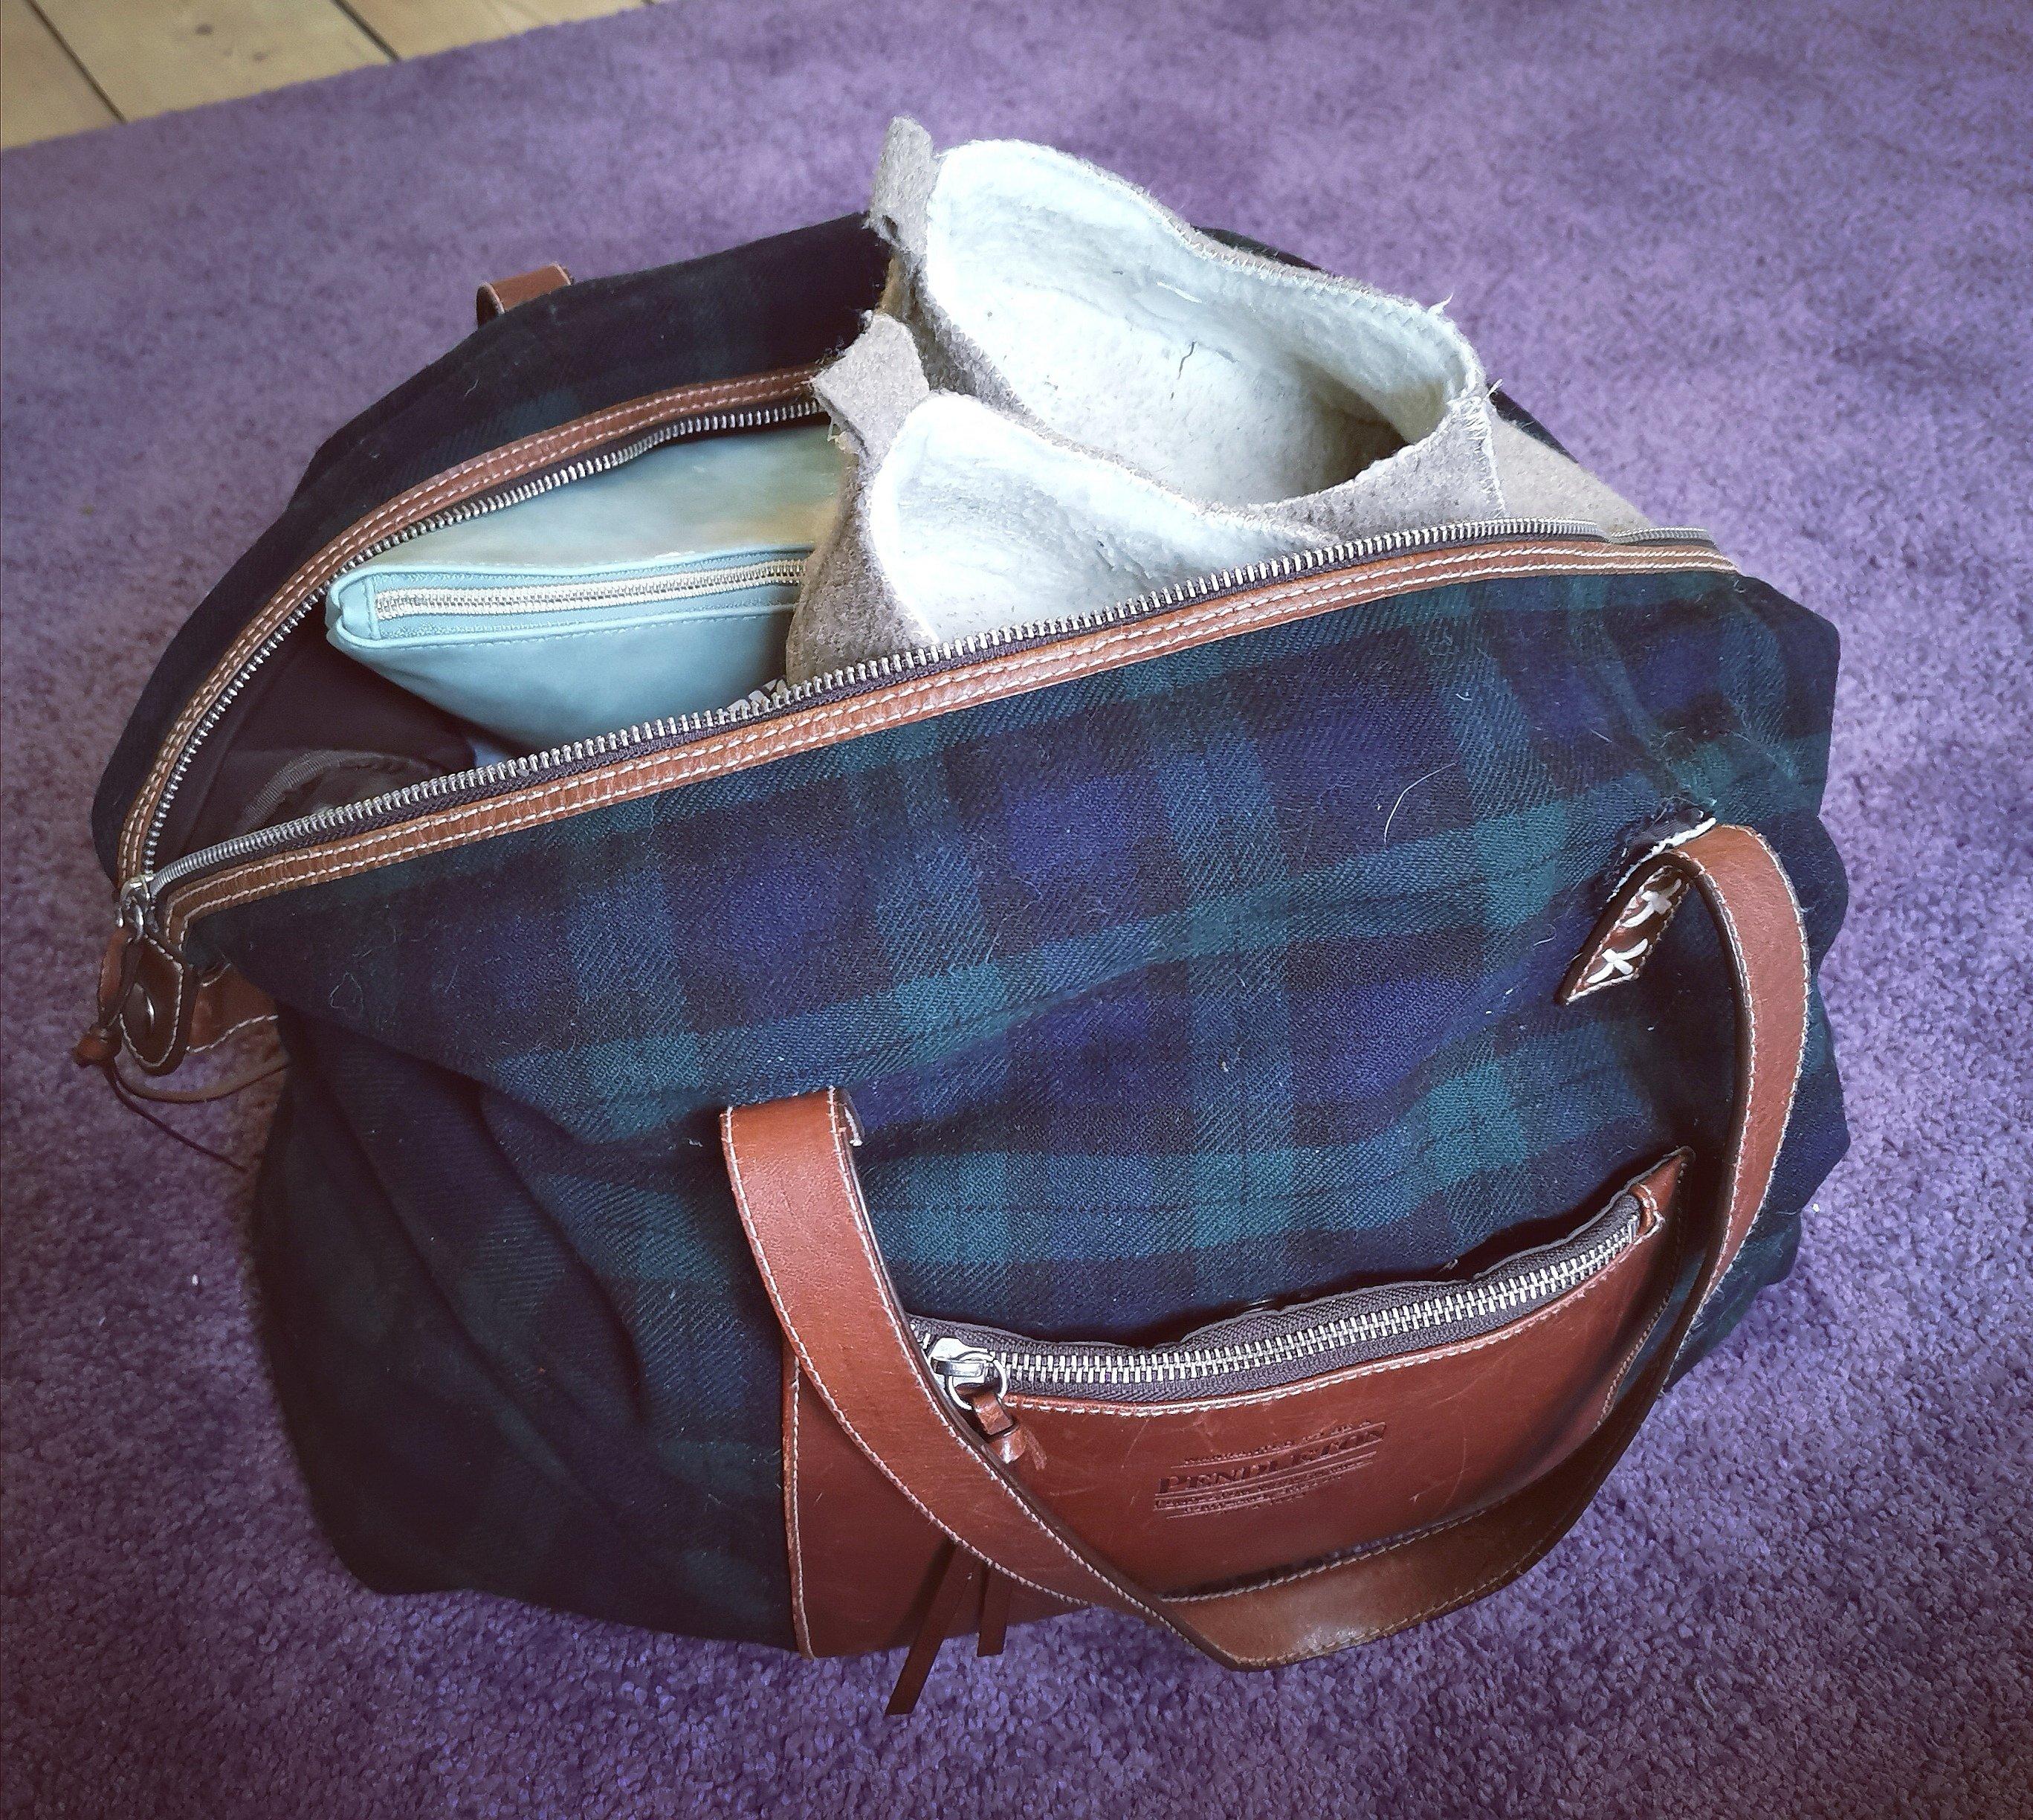 fødetaske pakket og klar